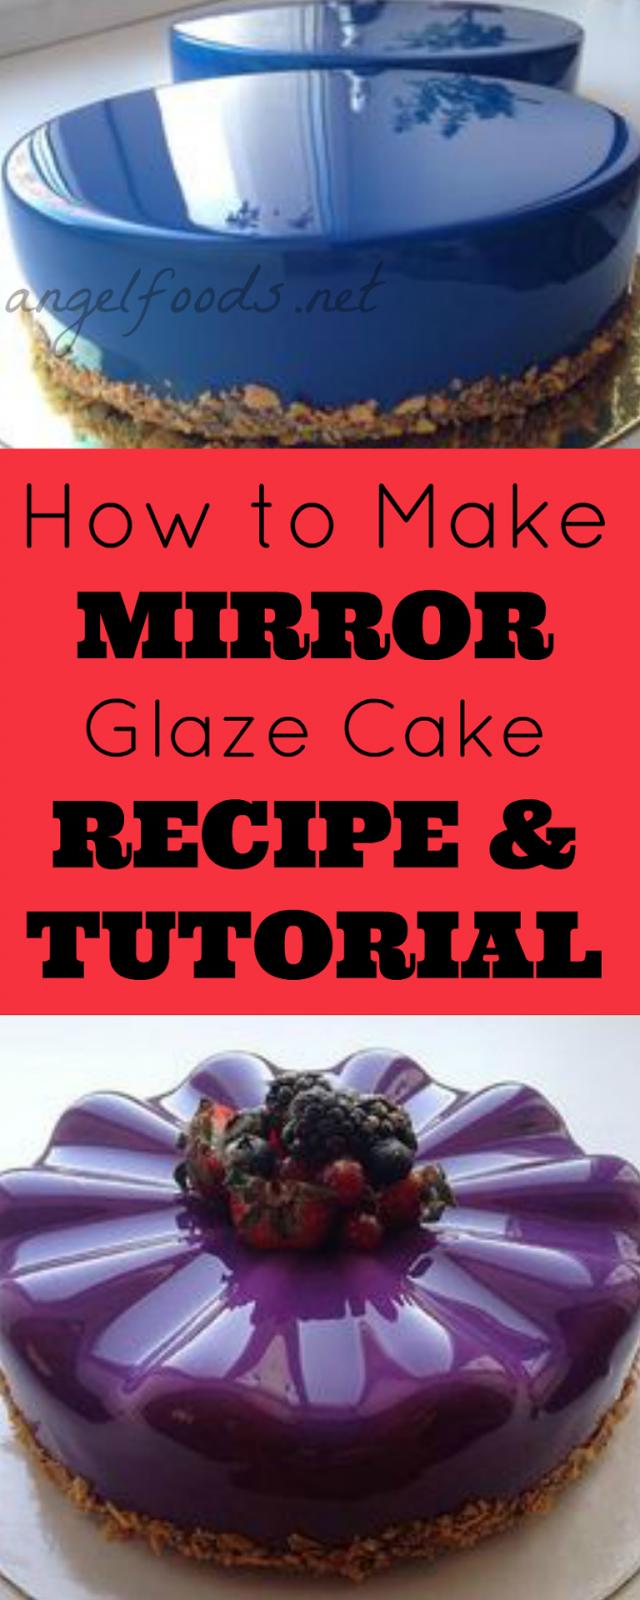 How Do U Make A Glaze For A Cake